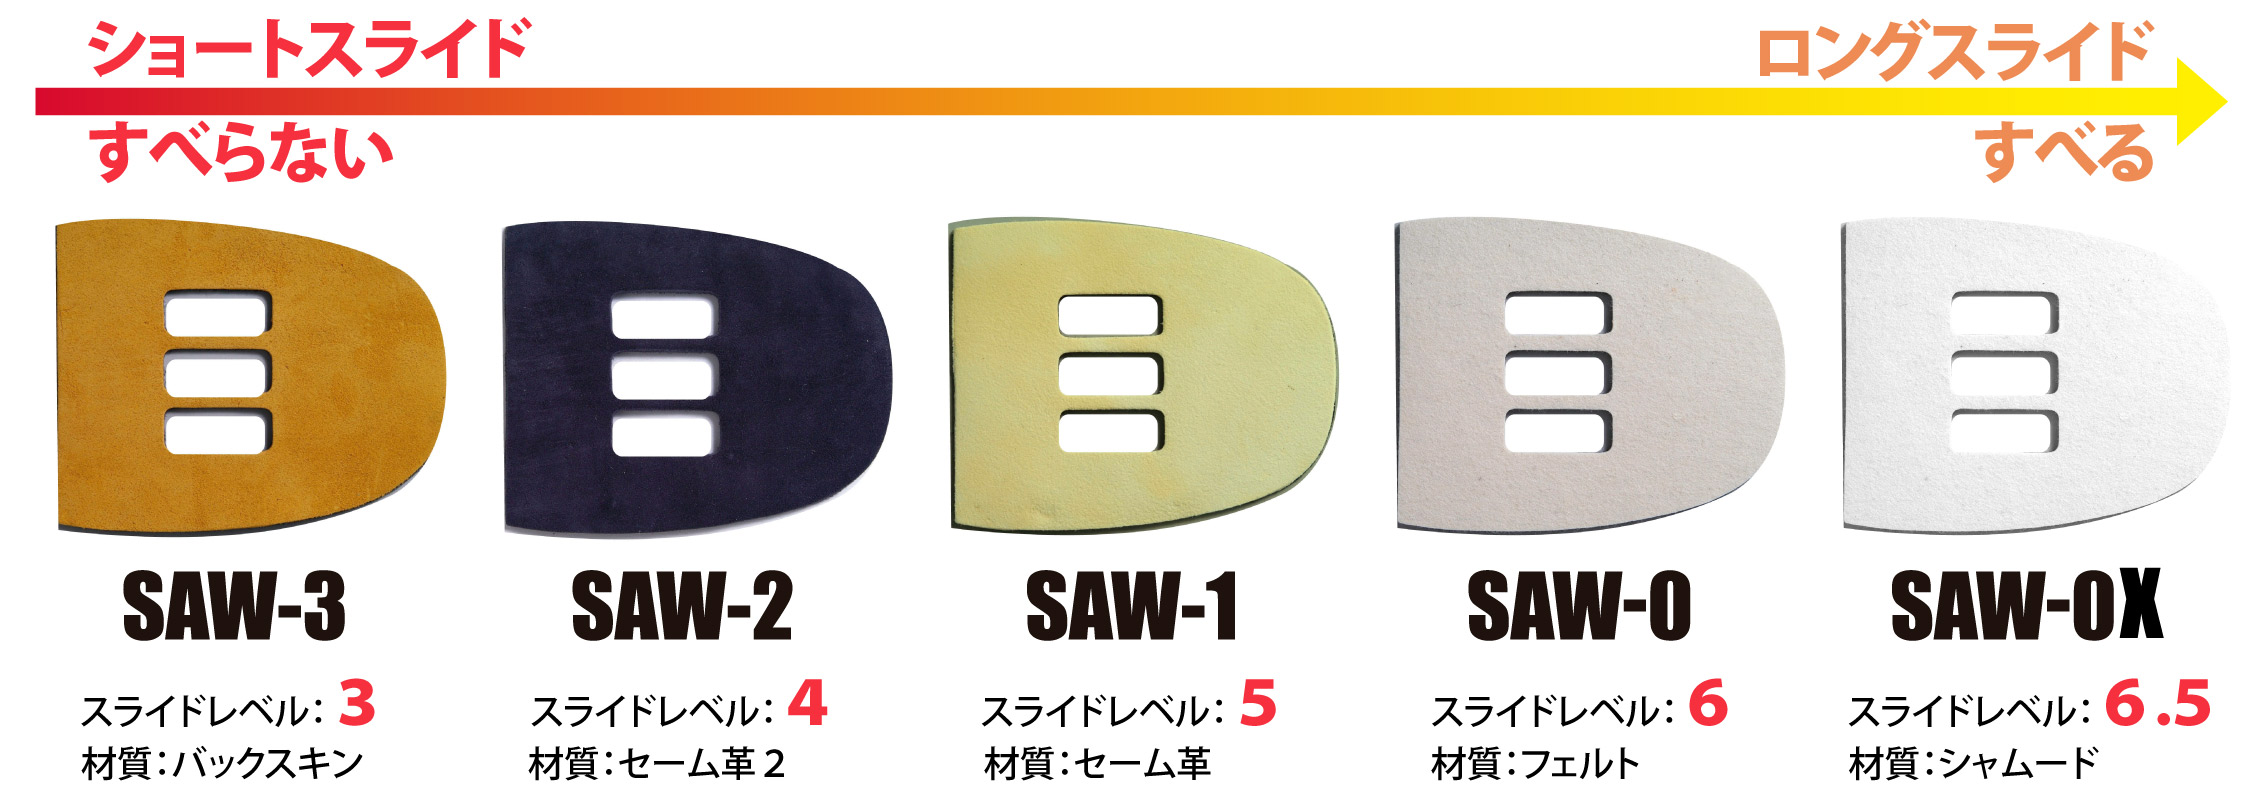 スライドソール SAW-2